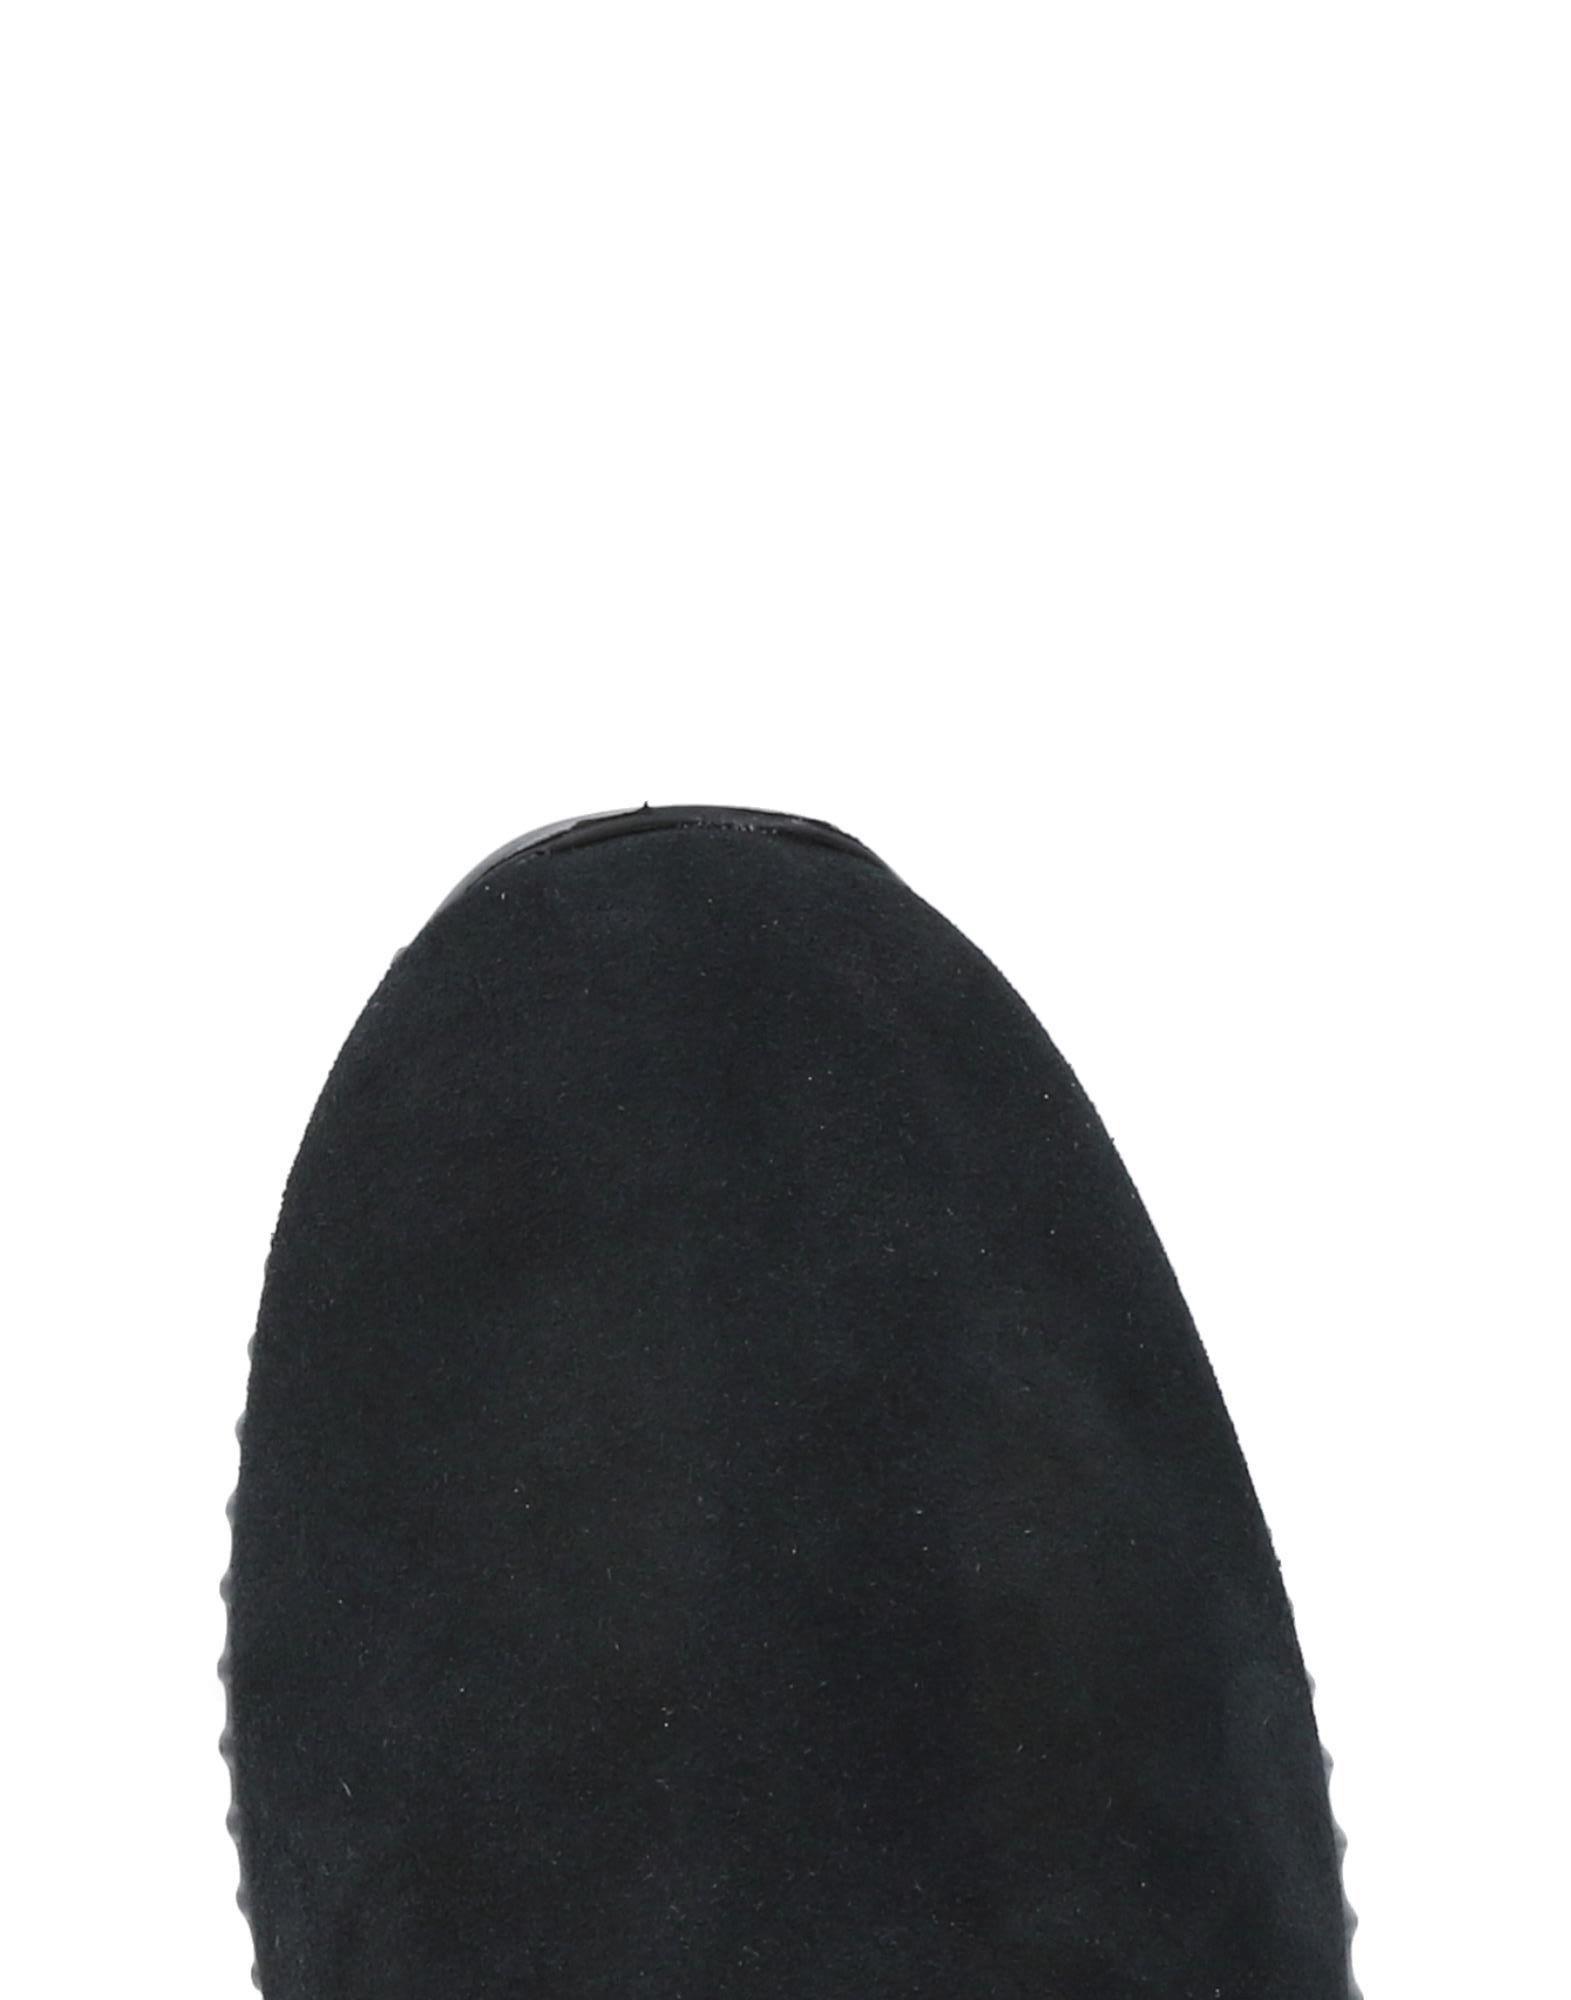 Rabatt echte Sneakers Schuhe Numero 00 Sneakers echte Herren  11472891XK 444fad